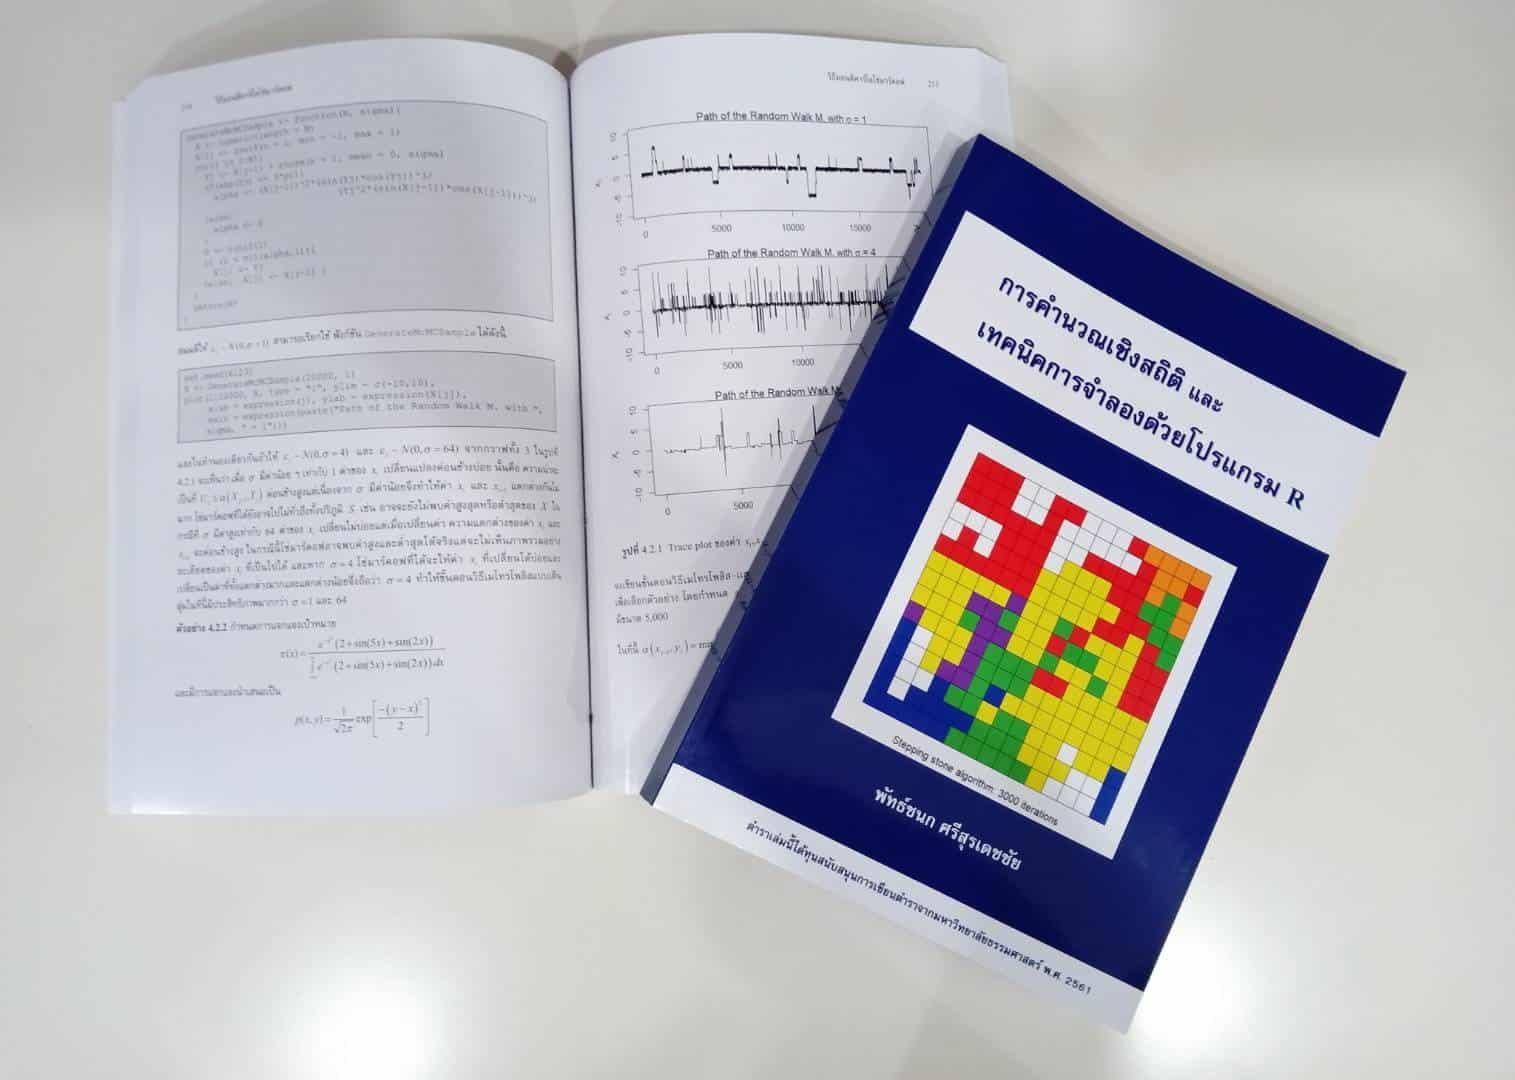 296577 - ตัวอย่างงานพิมพ์หนังสือ การคำนวณเชิงสถิติและเทคนิคการจำลองด้วยโปรแกรม R